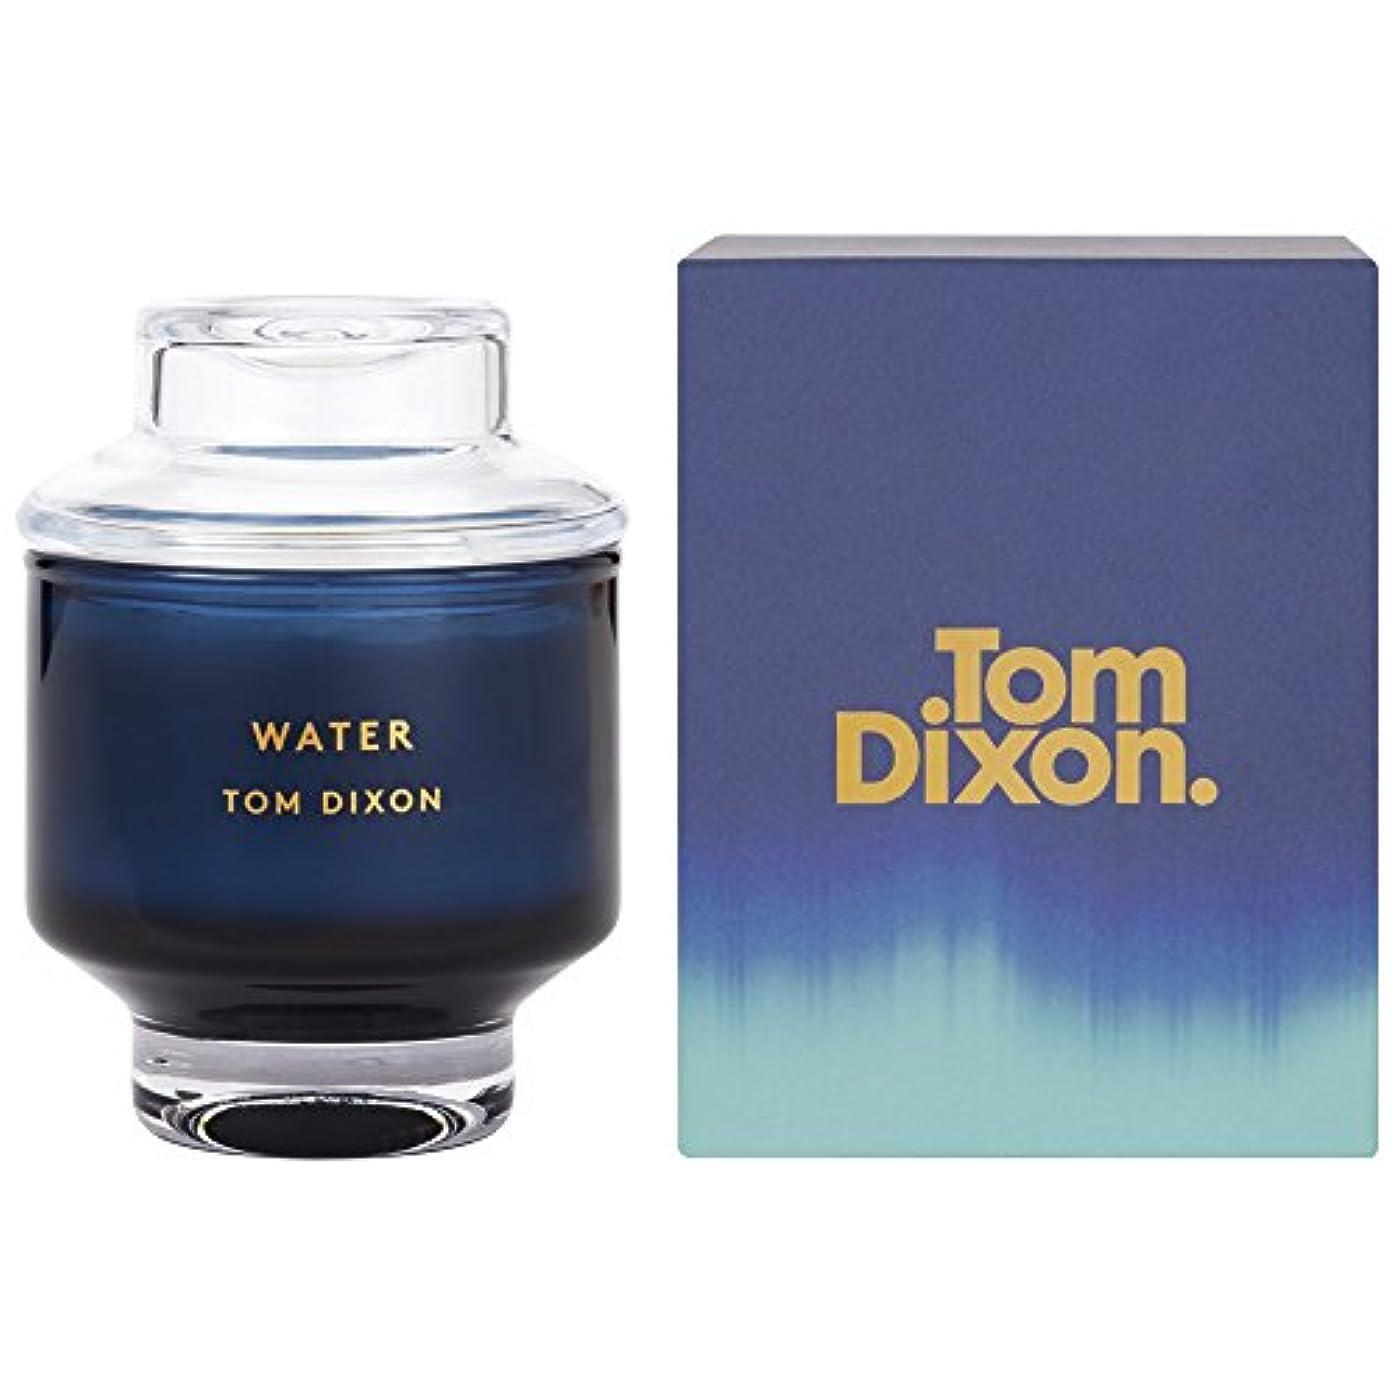 グラフジャンクション年金トム?ディクソン水の香りのキャンドル媒体 x6 - Tom Dixon Water Scented Candle Medium (Pack of 6) [並行輸入品]